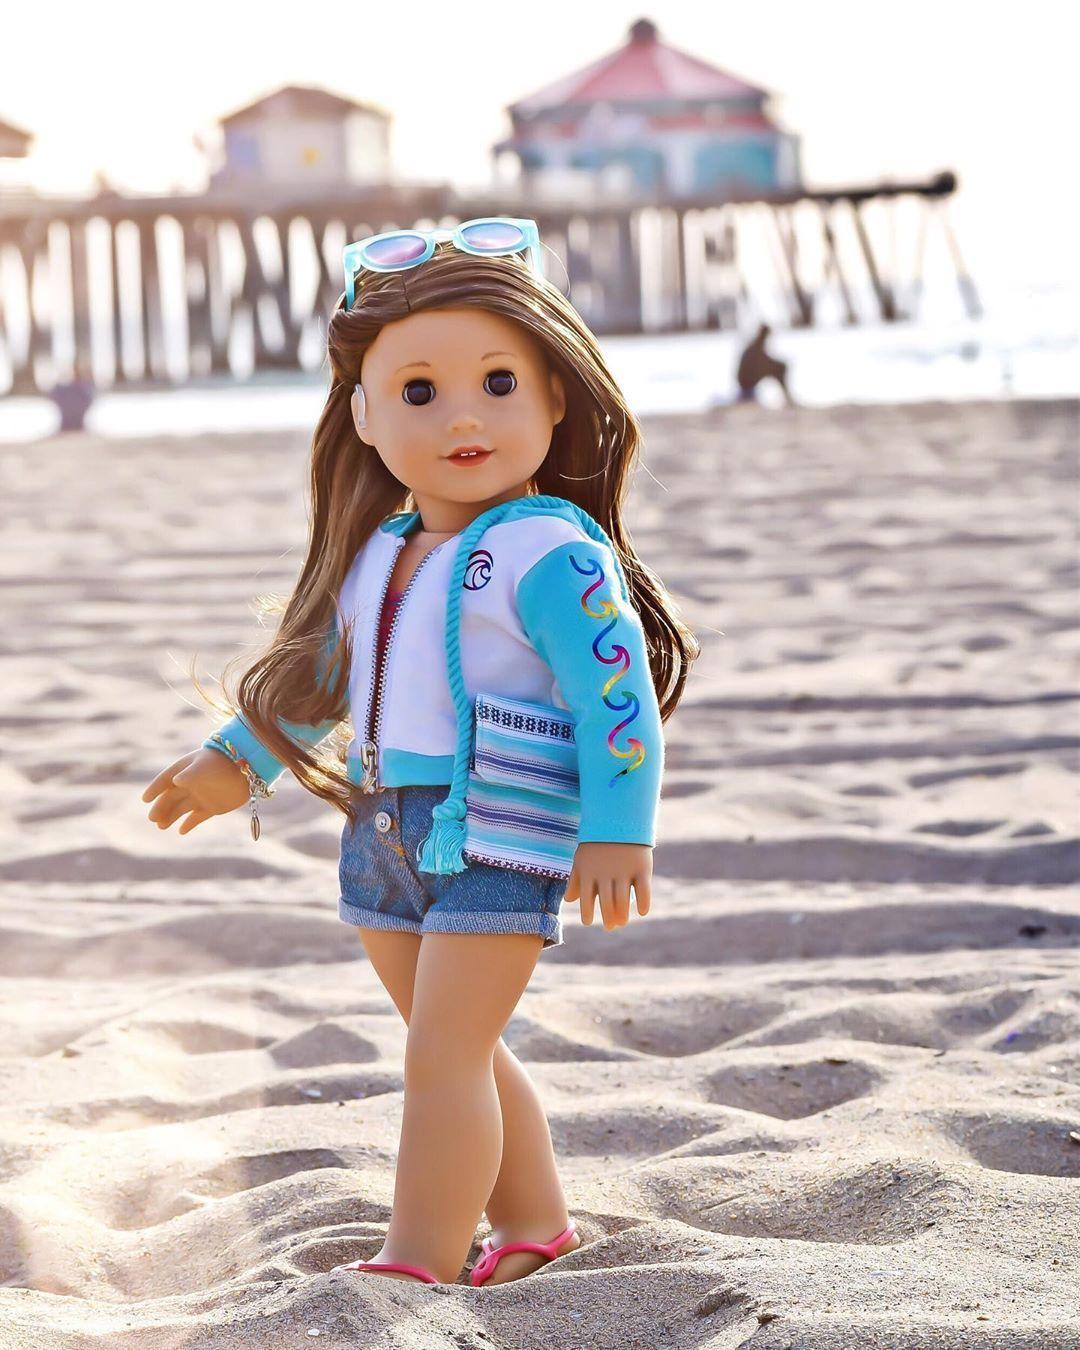 ag dolls americangirlbrand excited Girl Instagram